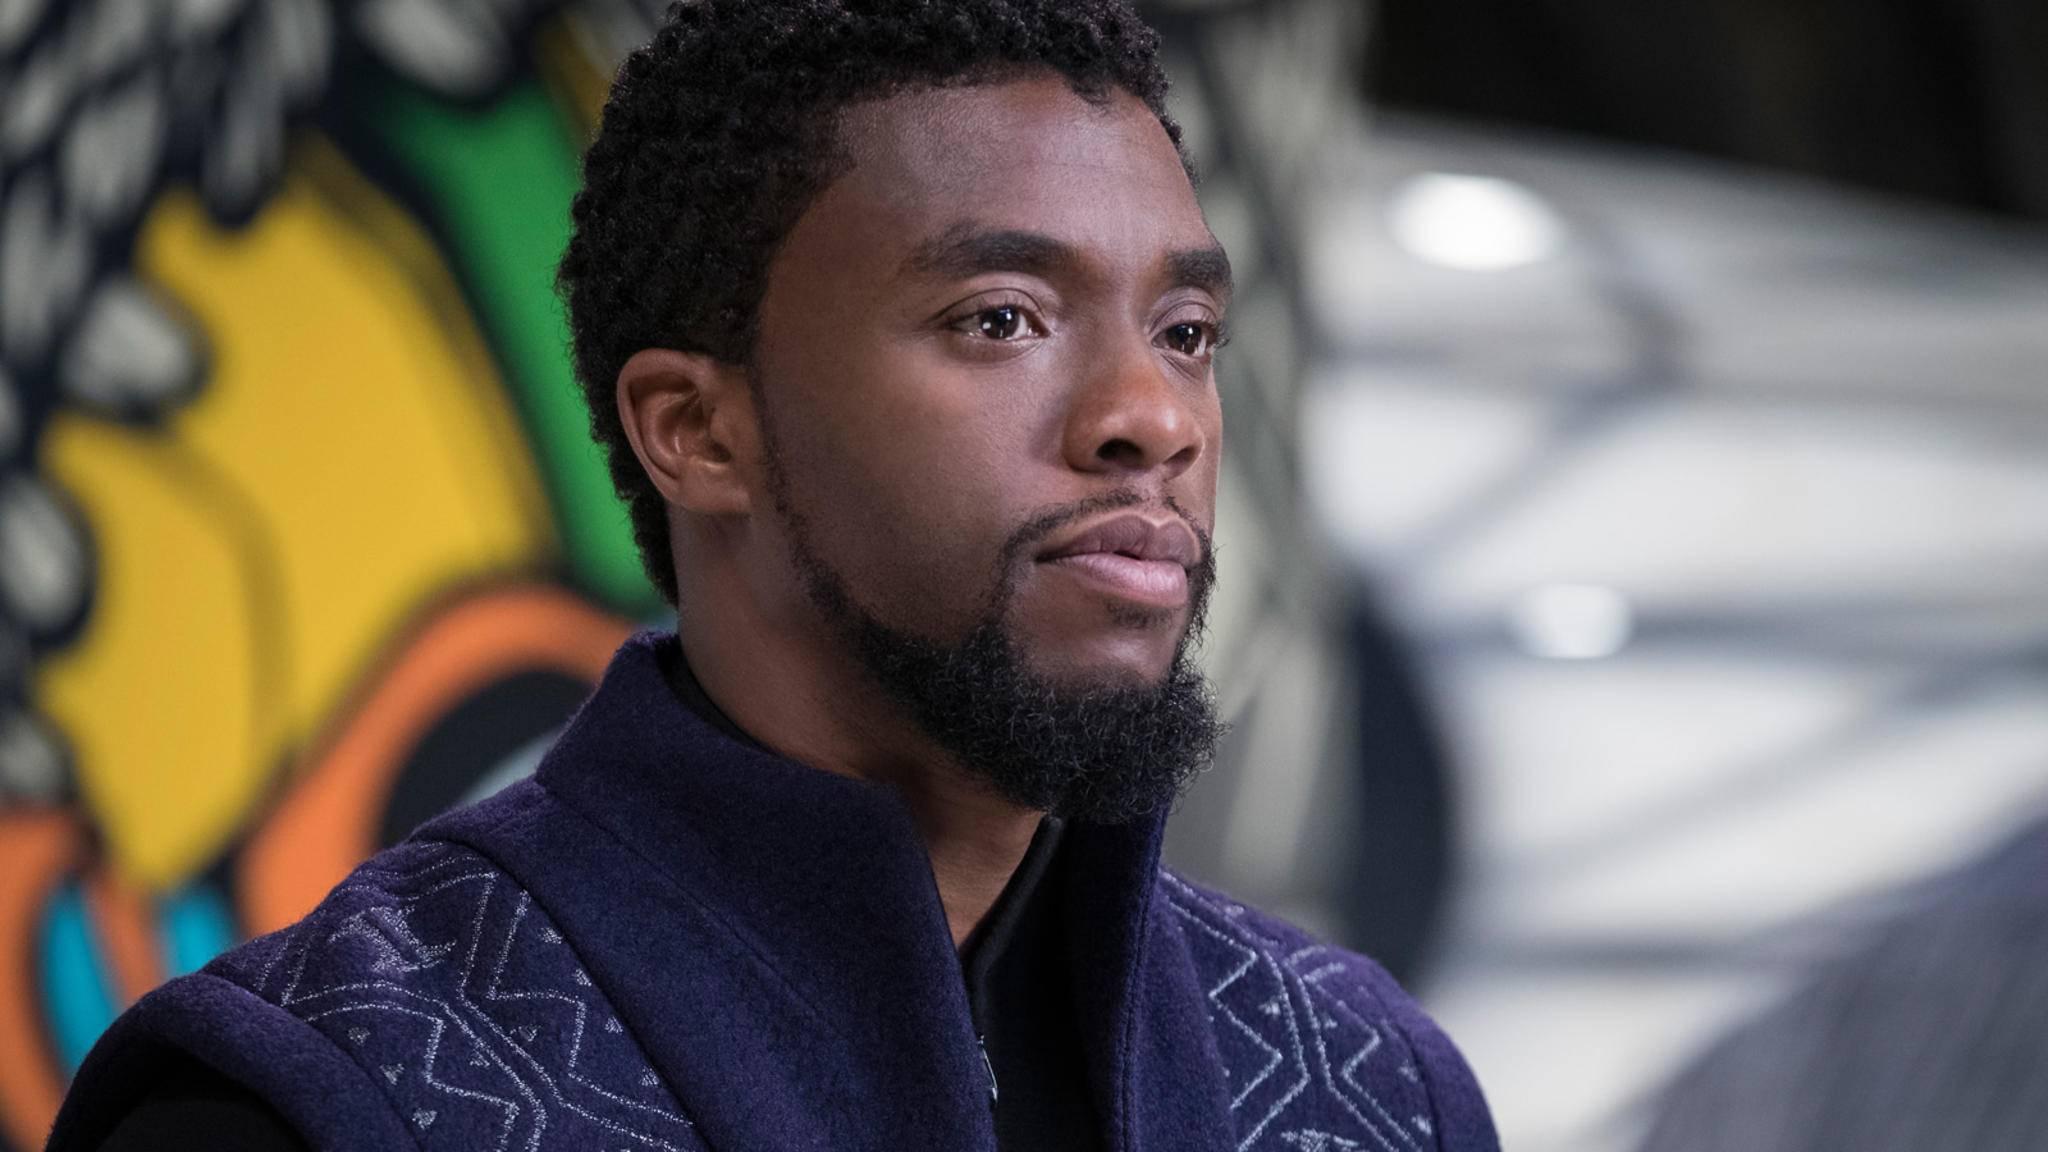 Der Black Panther, Herrscher von Wakanda, ist aufgrund großer Vibranium-Vorkommen in seiner Heimat reich – Darsteller Chadwick Boseman kann von einem solchen Vermögen (bisher) nur träumen.